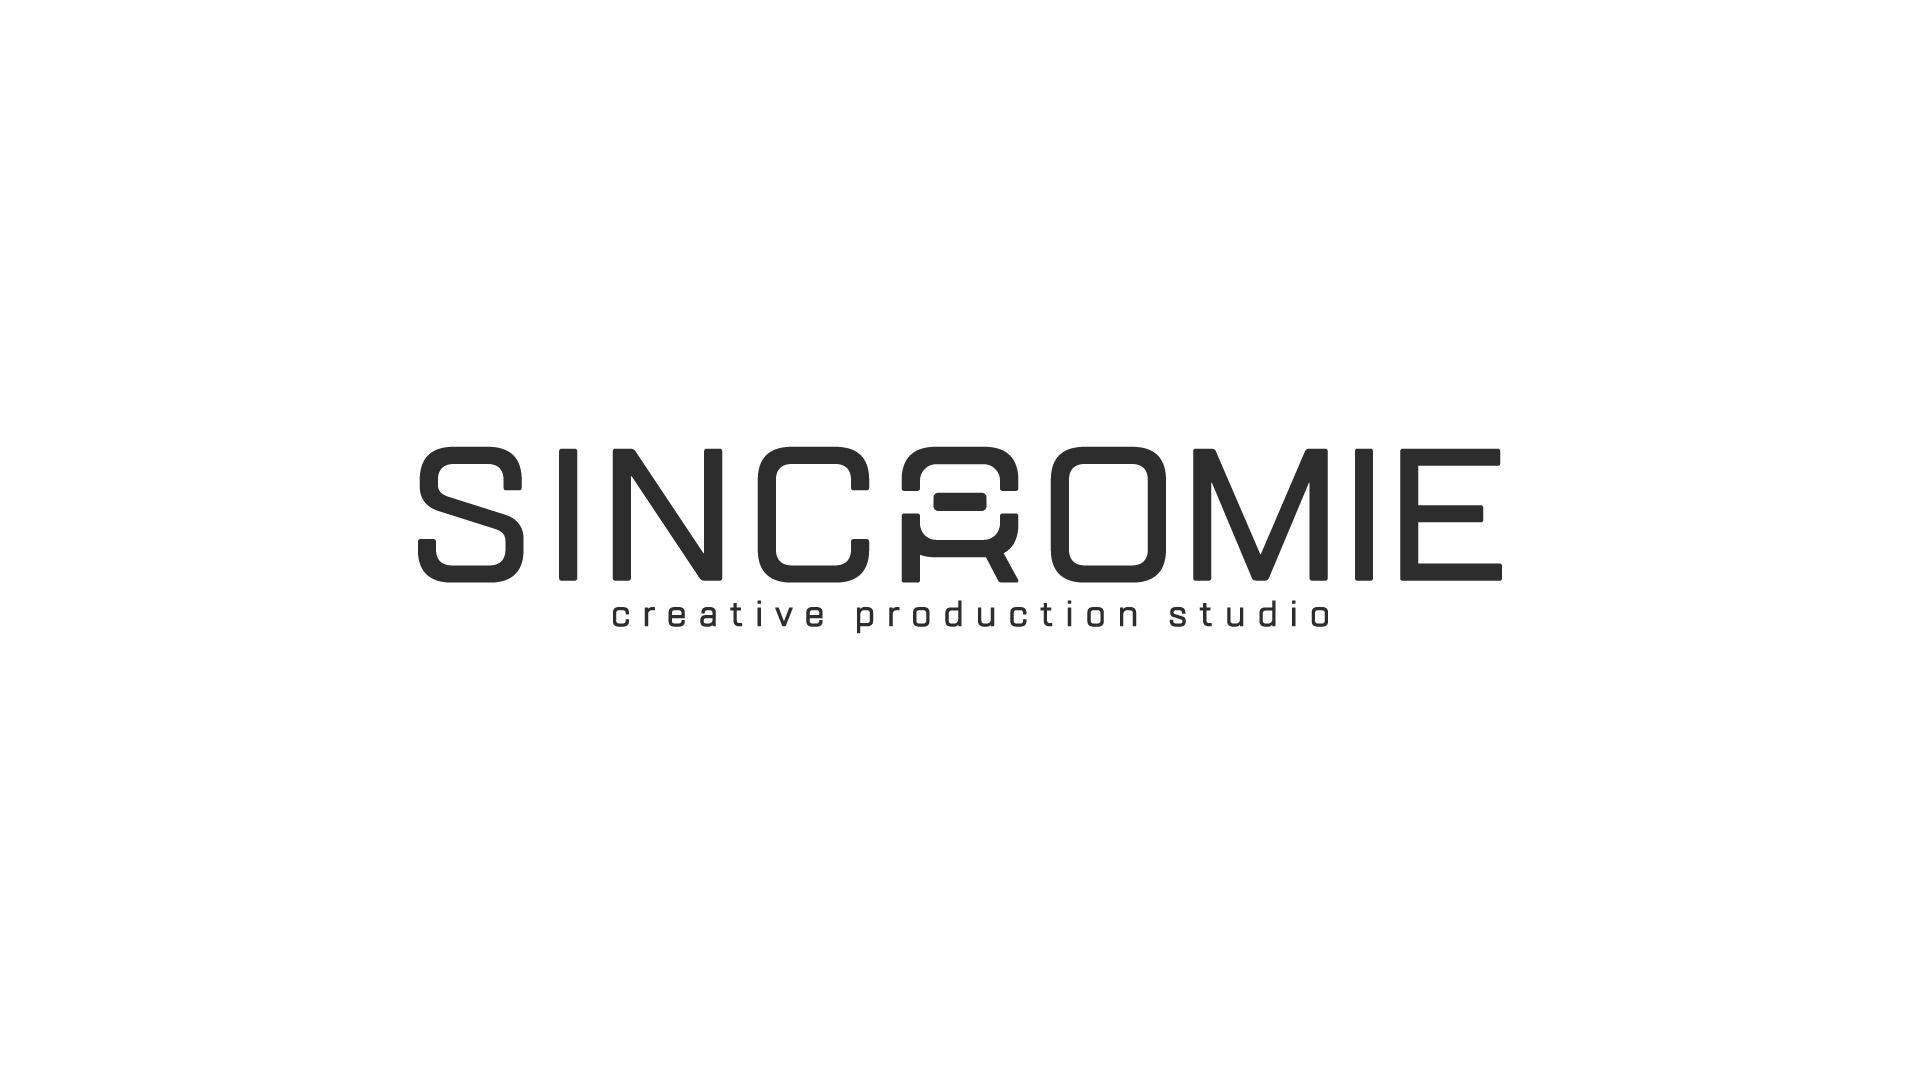 SINCROMIE